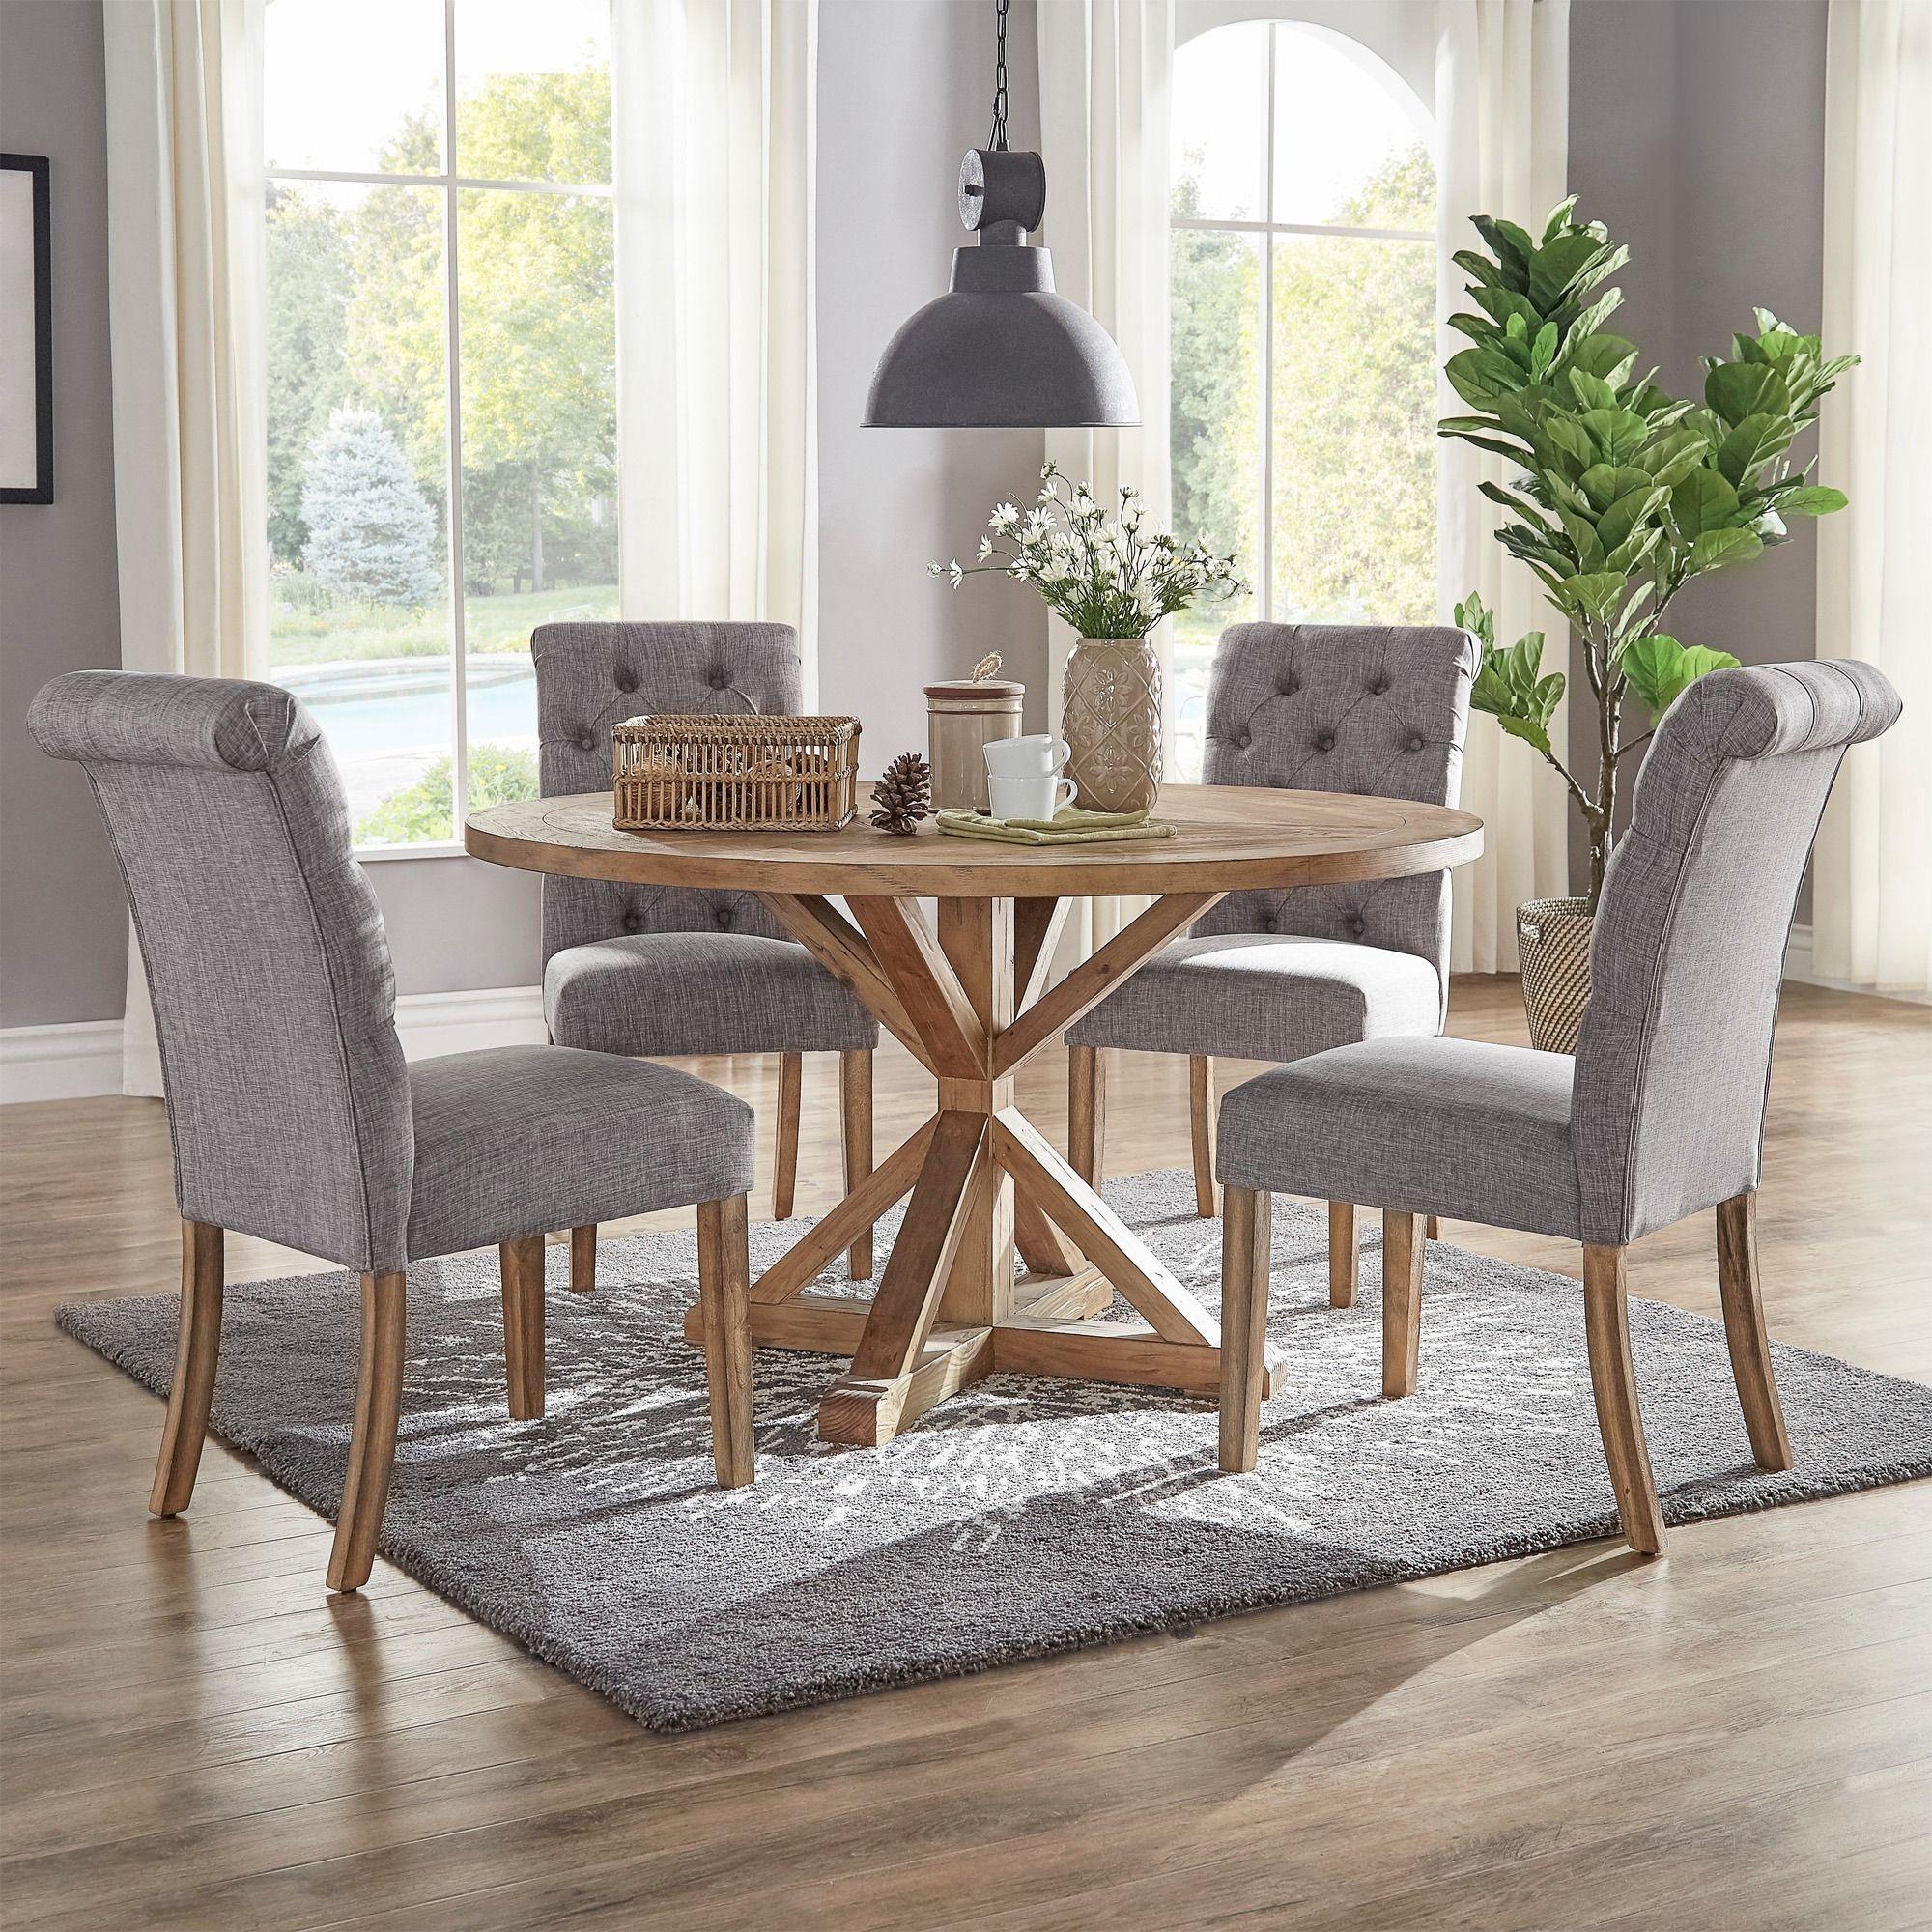 Stühle Moderne Polstermöbel Esszimmer Stühle Verzweifelt